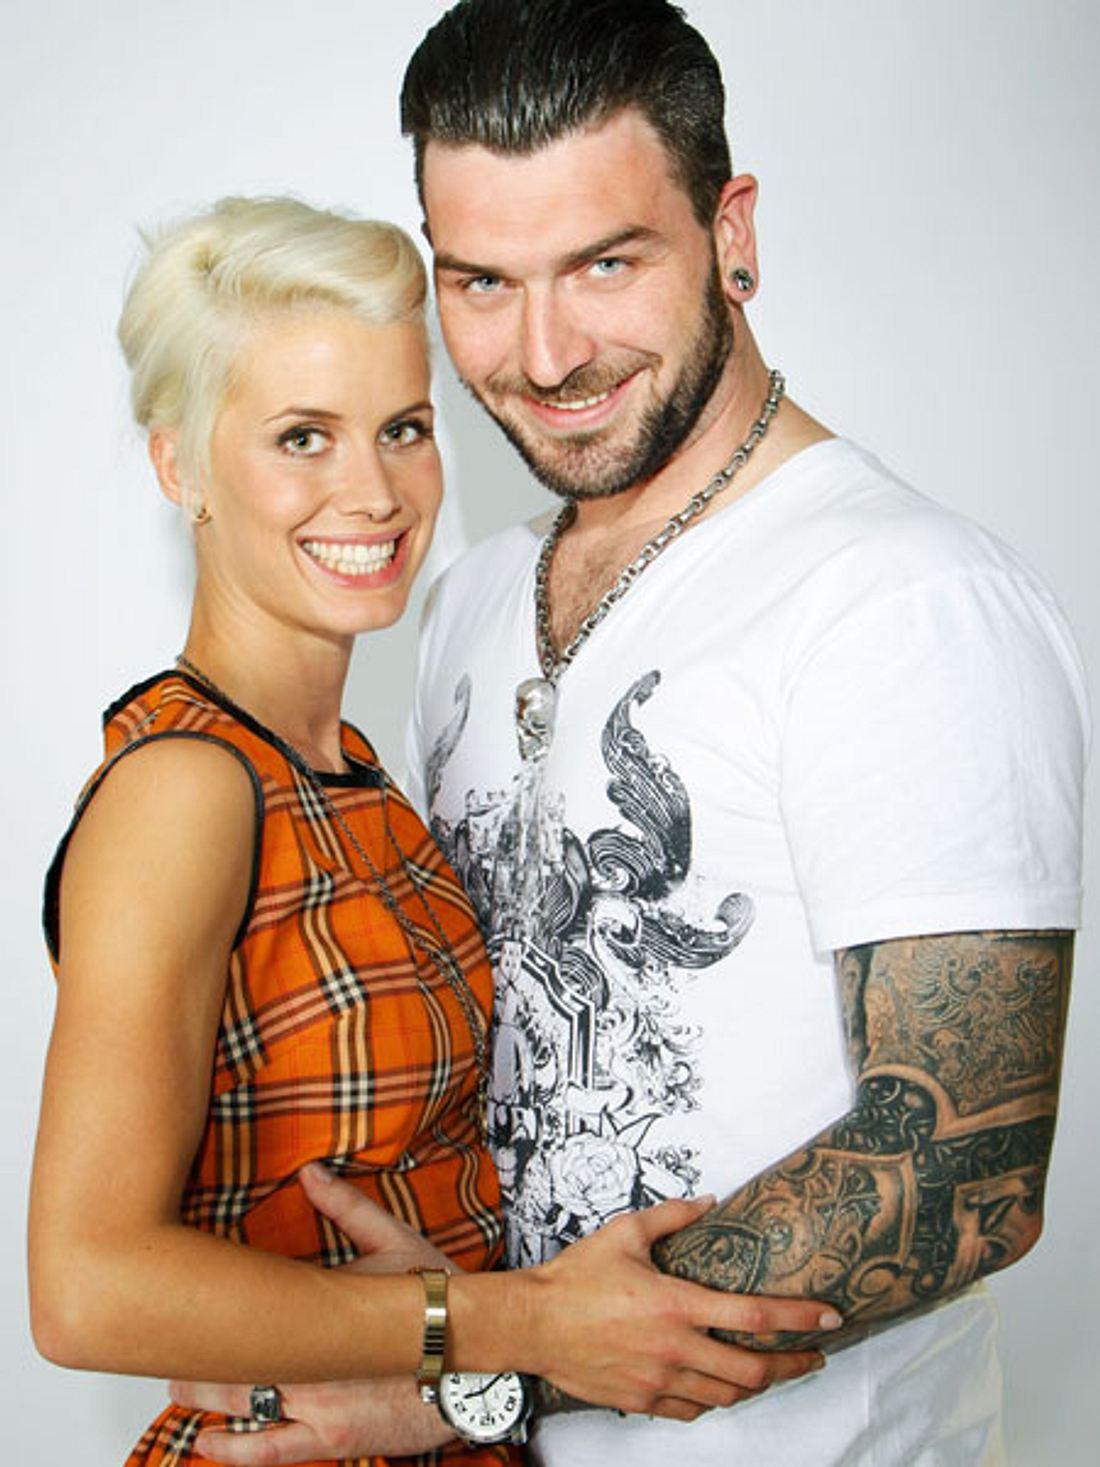 Meike und Alex aus Köln 50667: Das ist ihr Rockabilly-Style - Bild 1